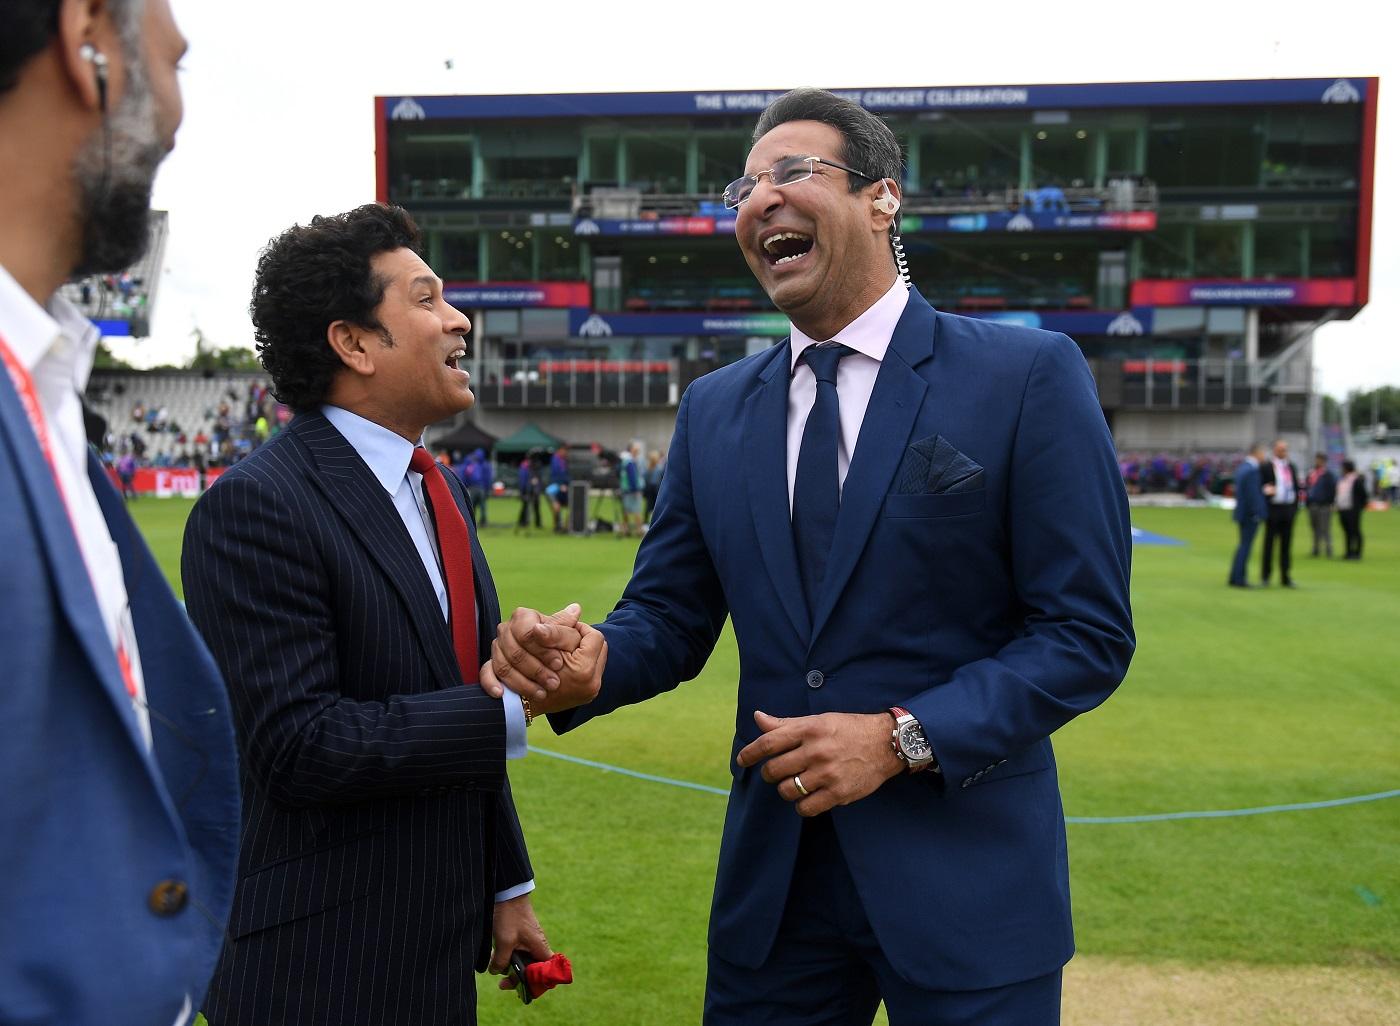 Sachin Tendulkar and Wasim Akram share a light moment during the